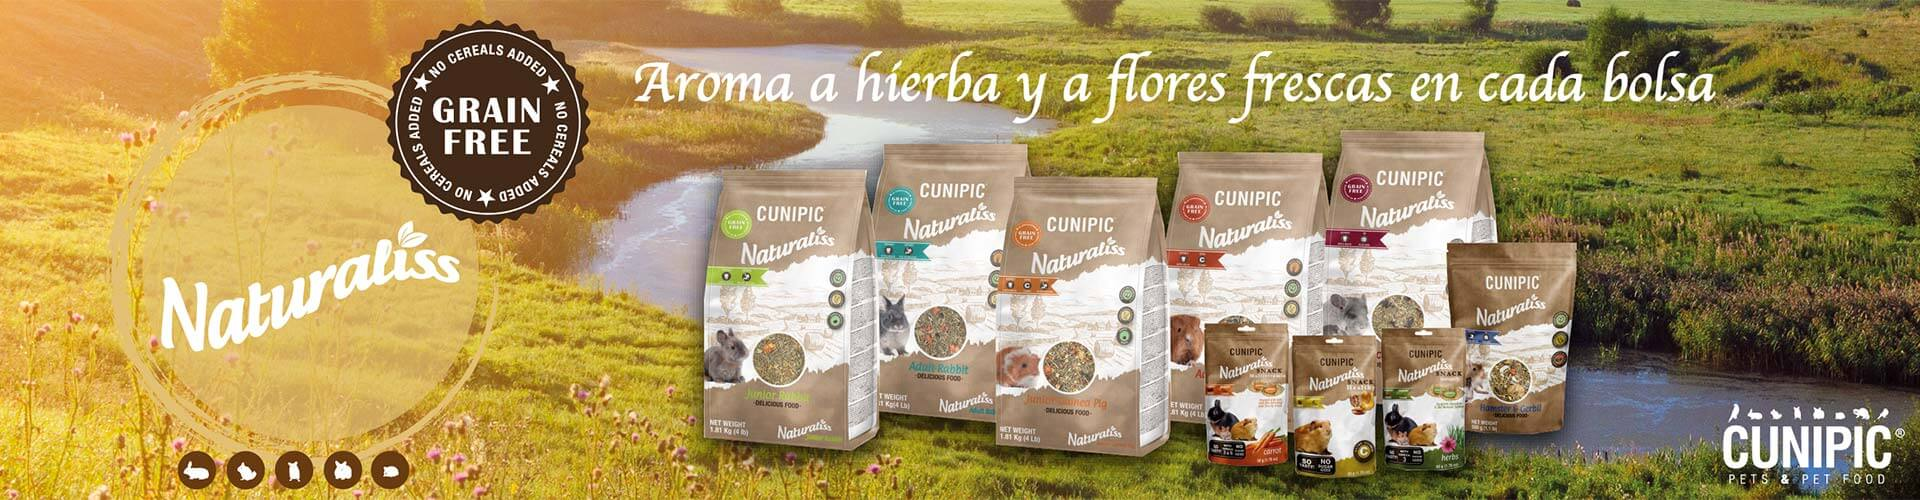 Naturaliss: alimentación natural para pequeños mamíferos 1